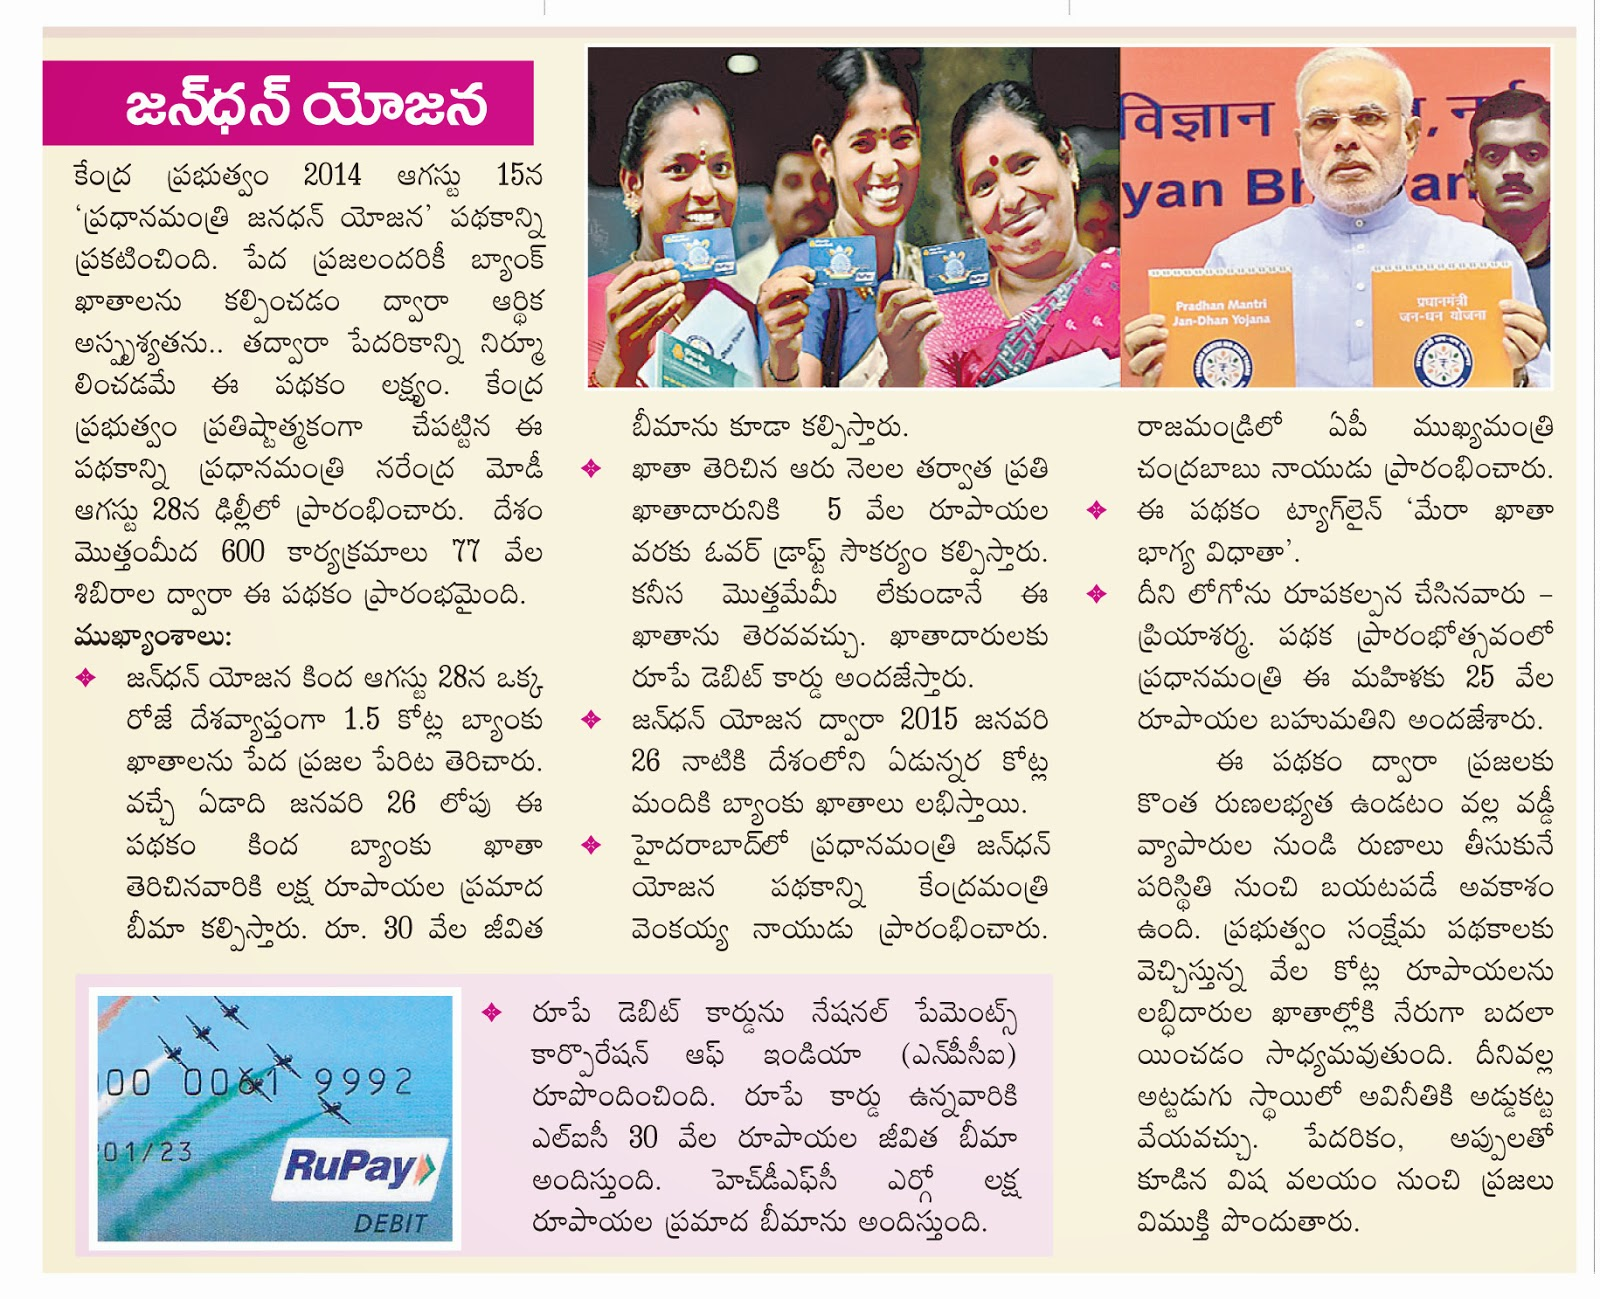 Swachh Bharat Essay In Telugu | myideasbedroom.com